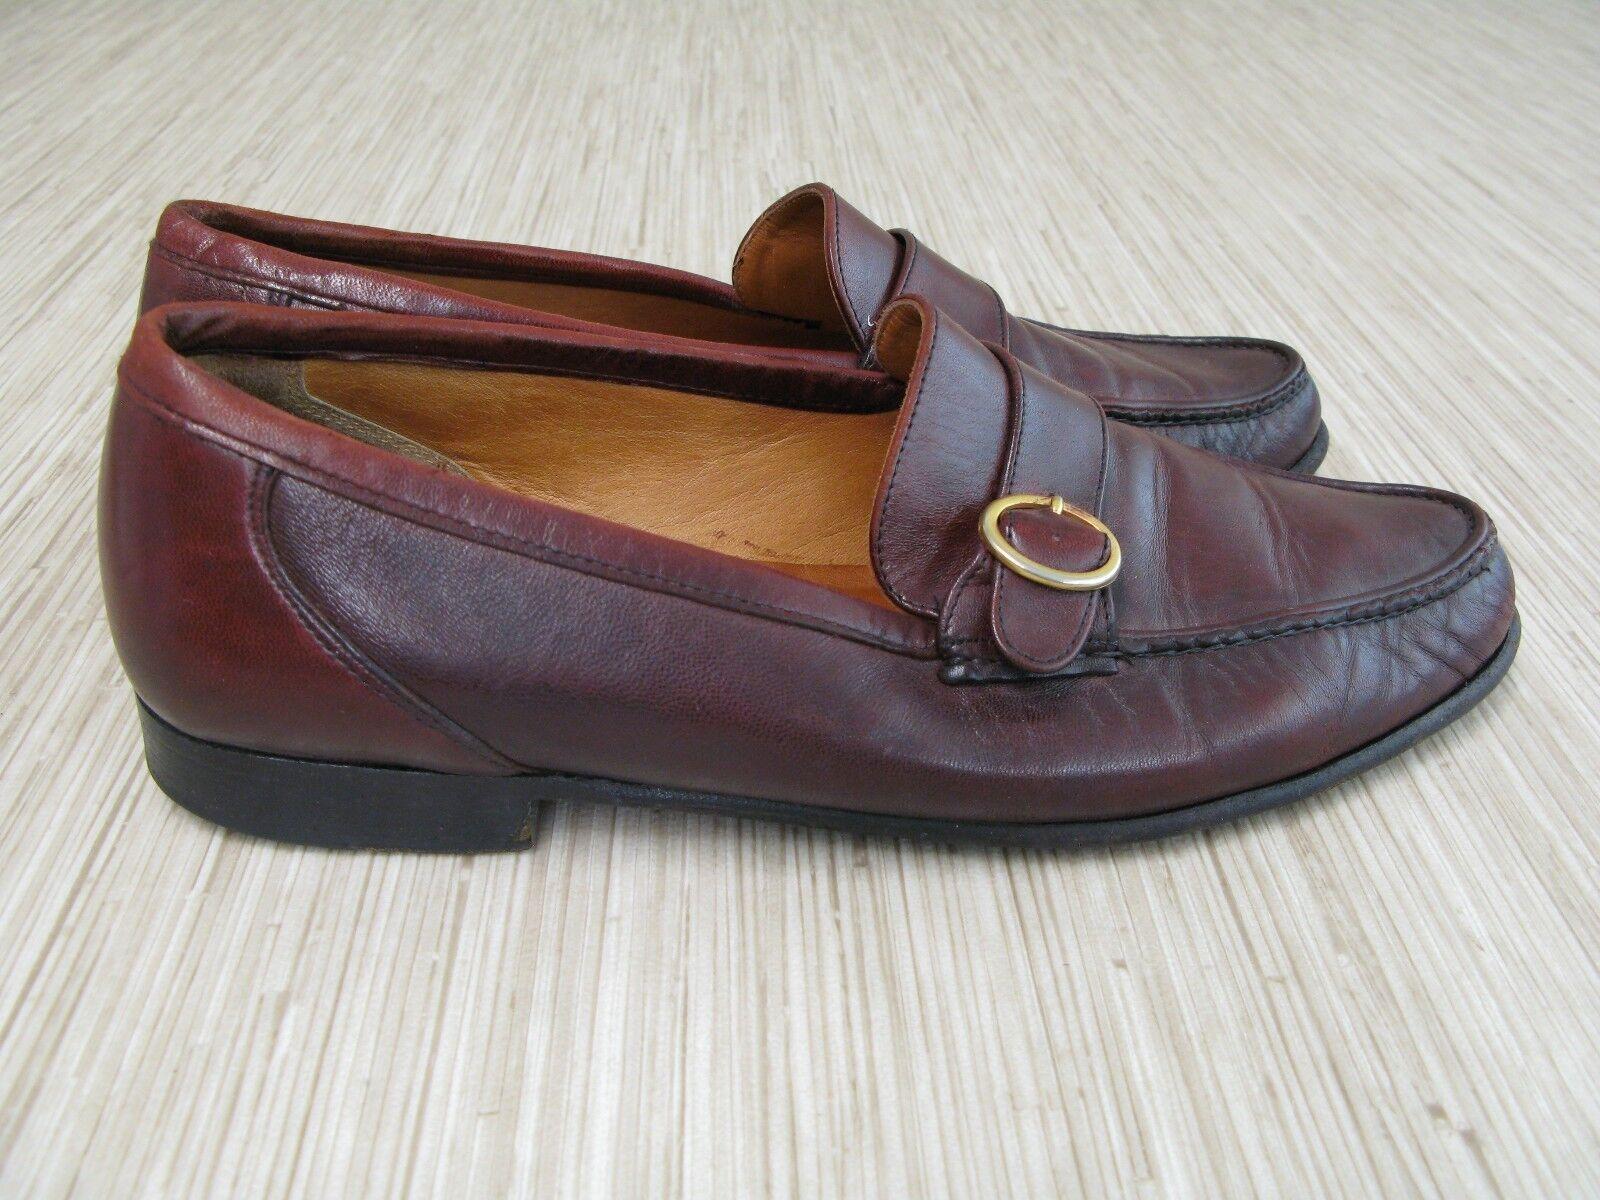 Allen Edmonds Rossano Estilo Zapatos UU. para hombre EE. UU. Zapatos 9.5 Cuero Marrón Mocasines monje Vestido 0eb322